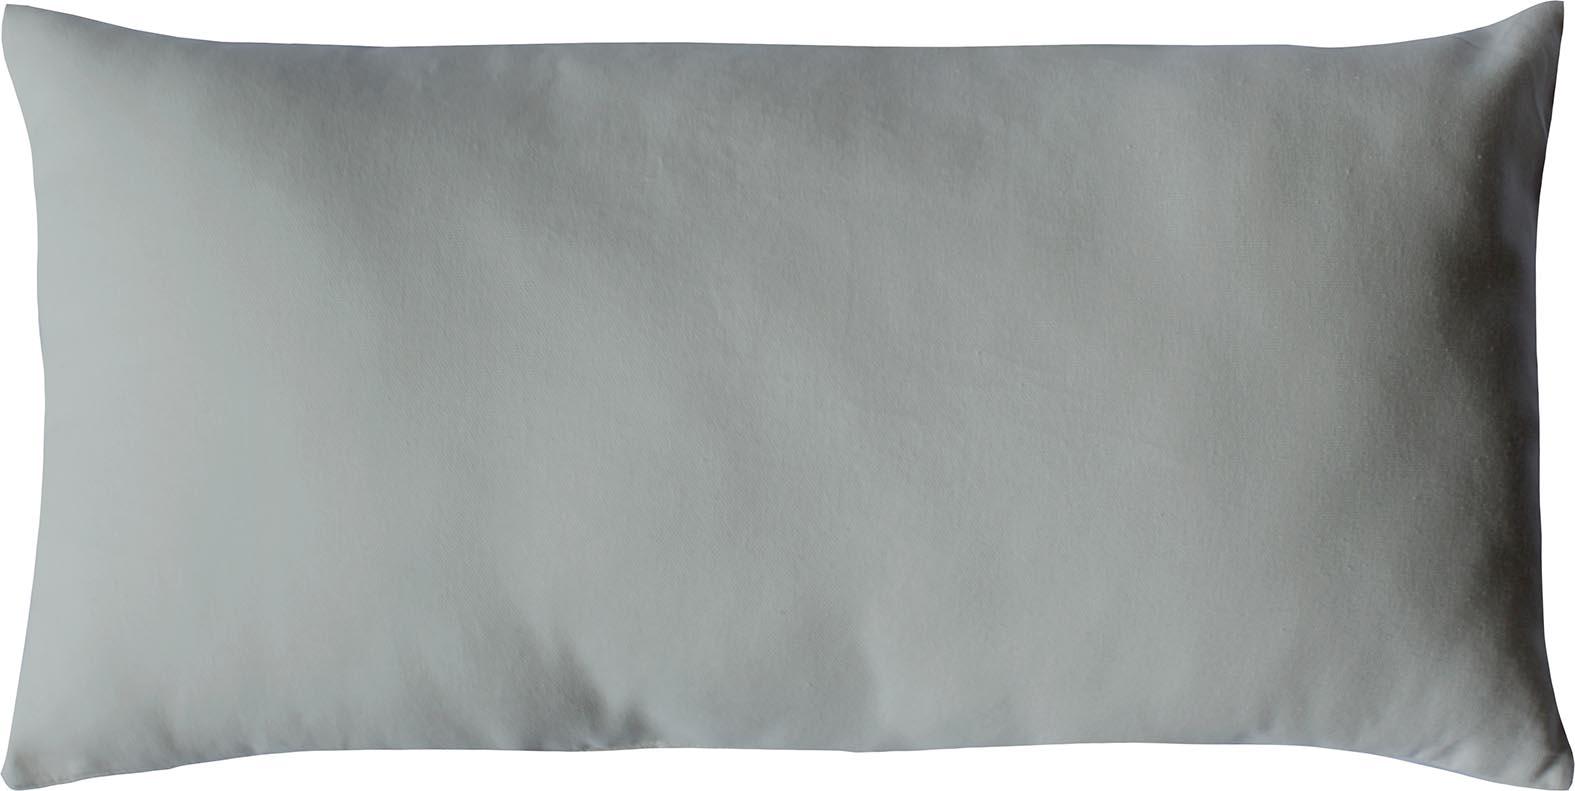 Coussin non déhoussable en coton uni  (Gris clair)